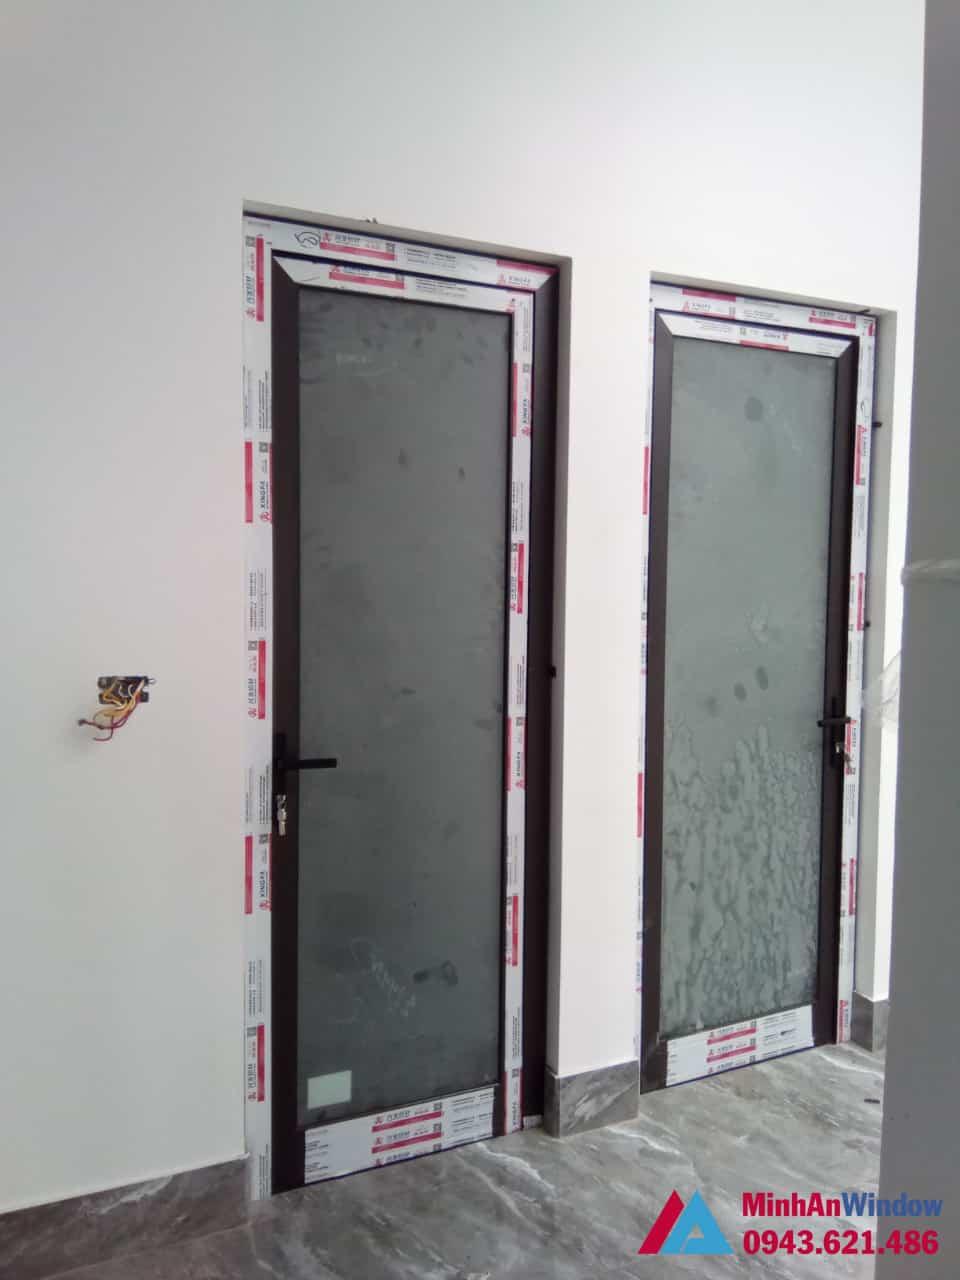 Mẫu cửa đi nhôm kính 1 cánh Minh An lắp đặt cho cho khách hàng tại huyện Gia Lâm - Hà Nội